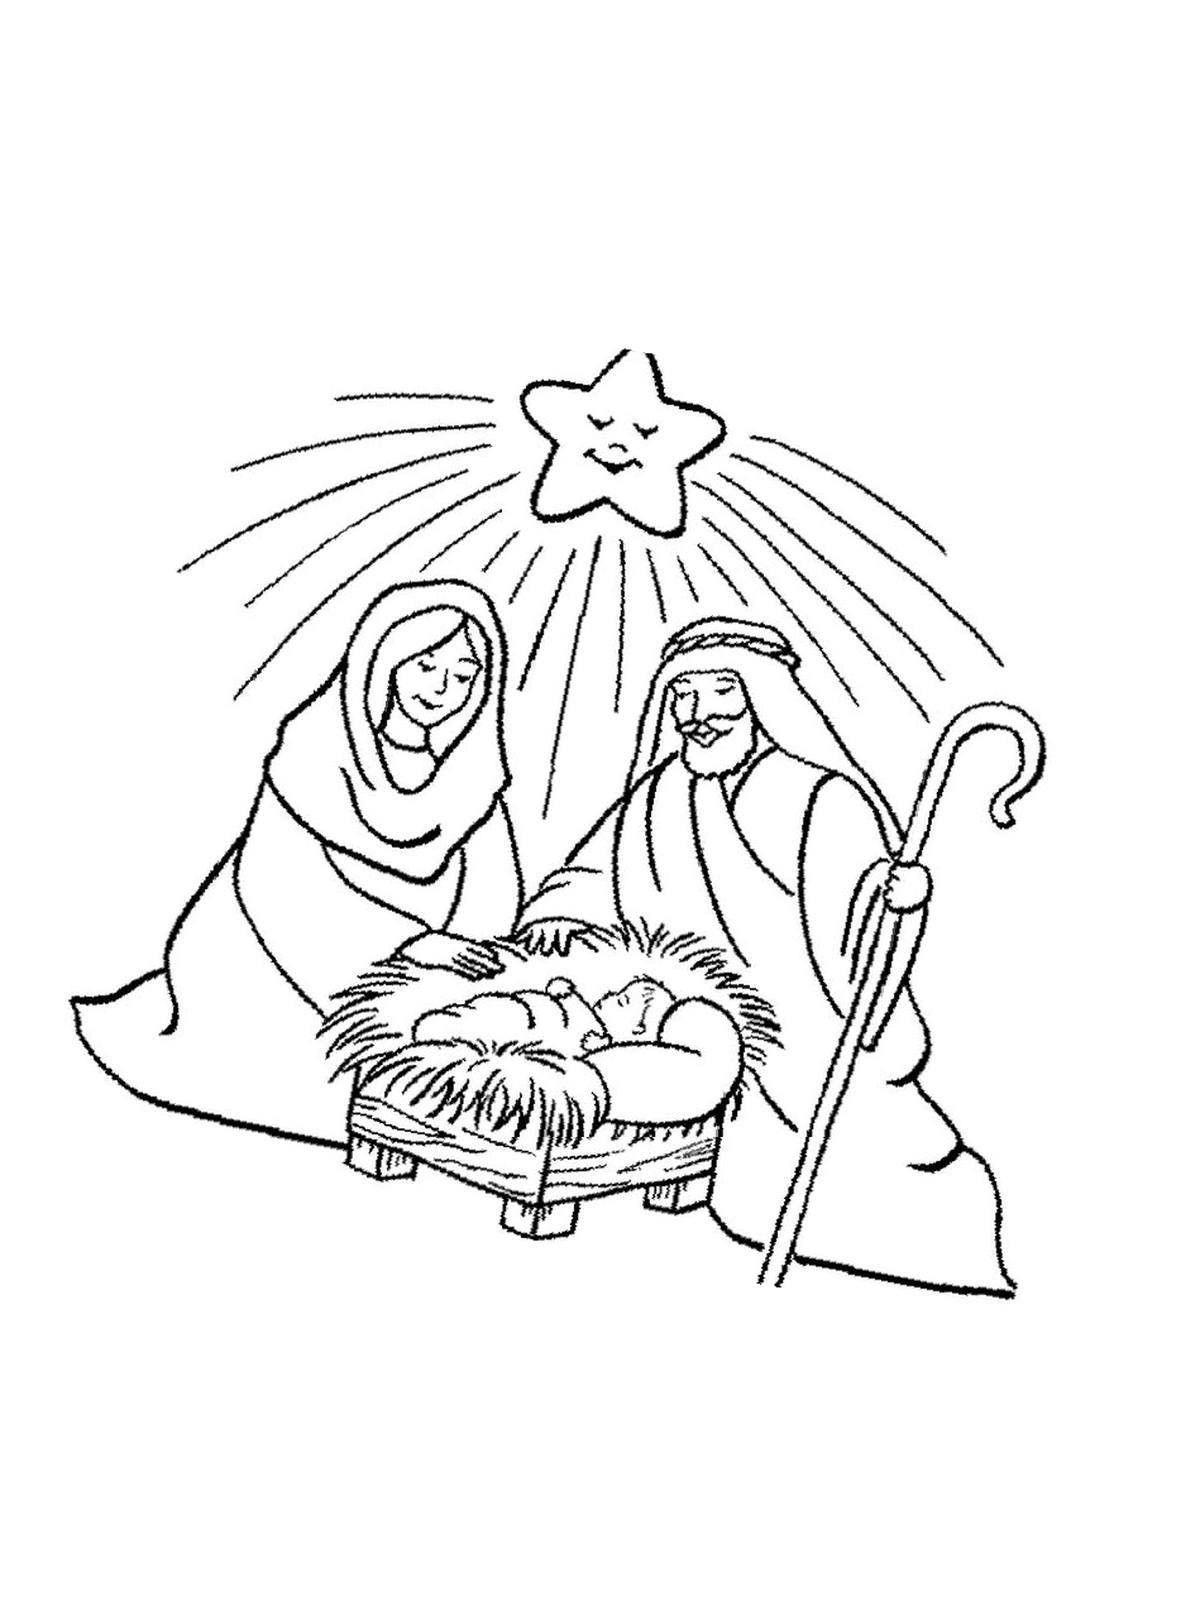 Malvorlagen Zum Ausdrucken Weihnachten Einzigartig Ausmalbilder Zum Ausdrucken Weihnachten Colo Malvorlagen Zum Ausdrucken Malvorlagen Kostenlose Malvorlagen